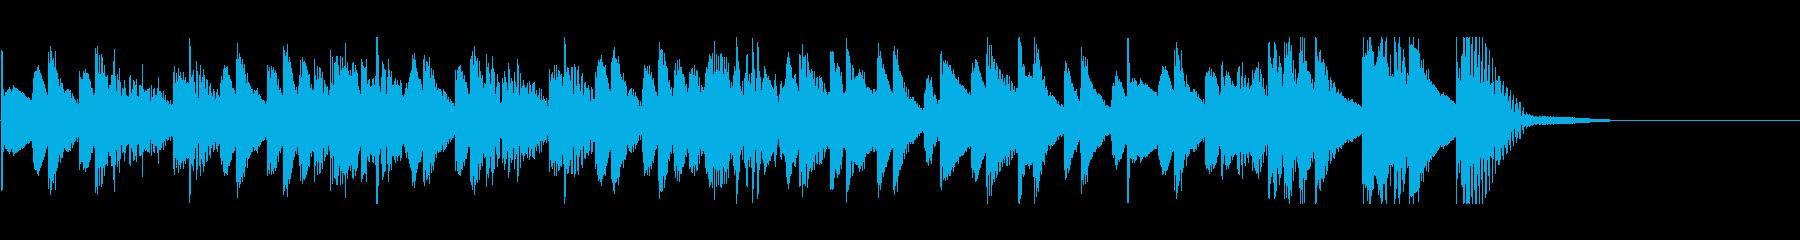 発車メロディ 8の再生済みの波形